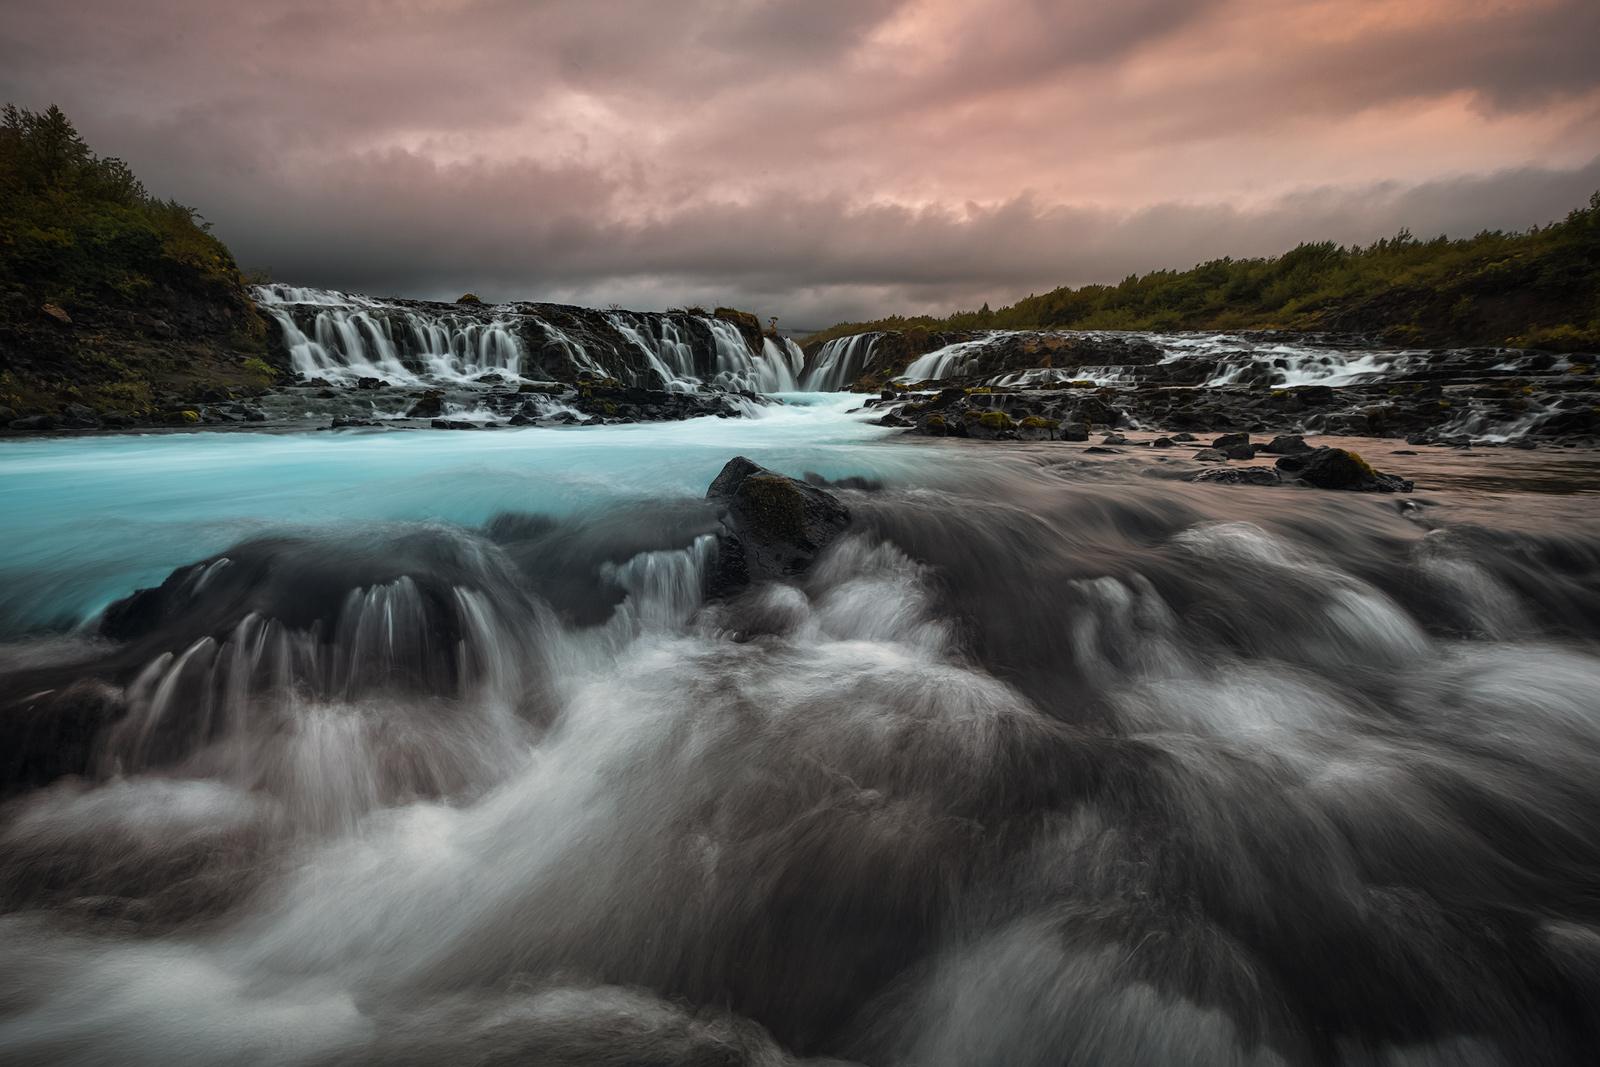 bruarfoss,europe,iceland,southern,sunset,water body,waterfall, photo